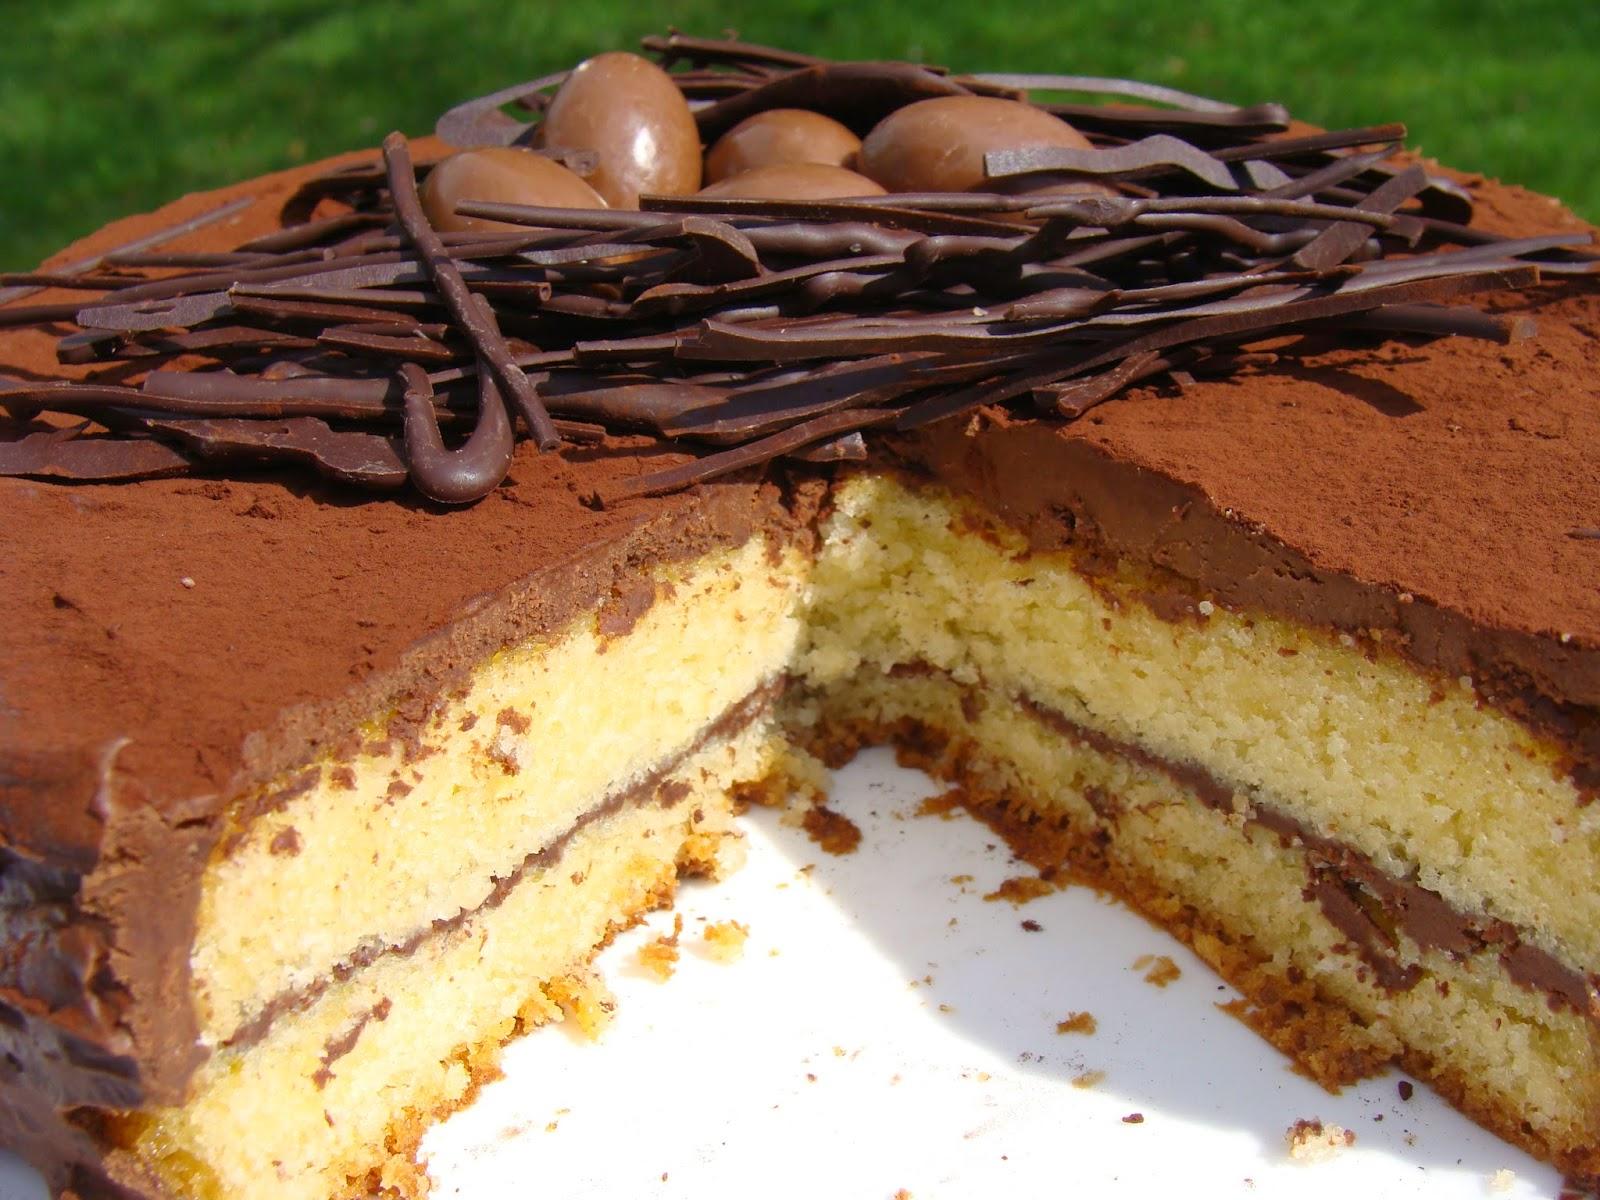 Gateau au chocolat avec reste de chocolat de paques